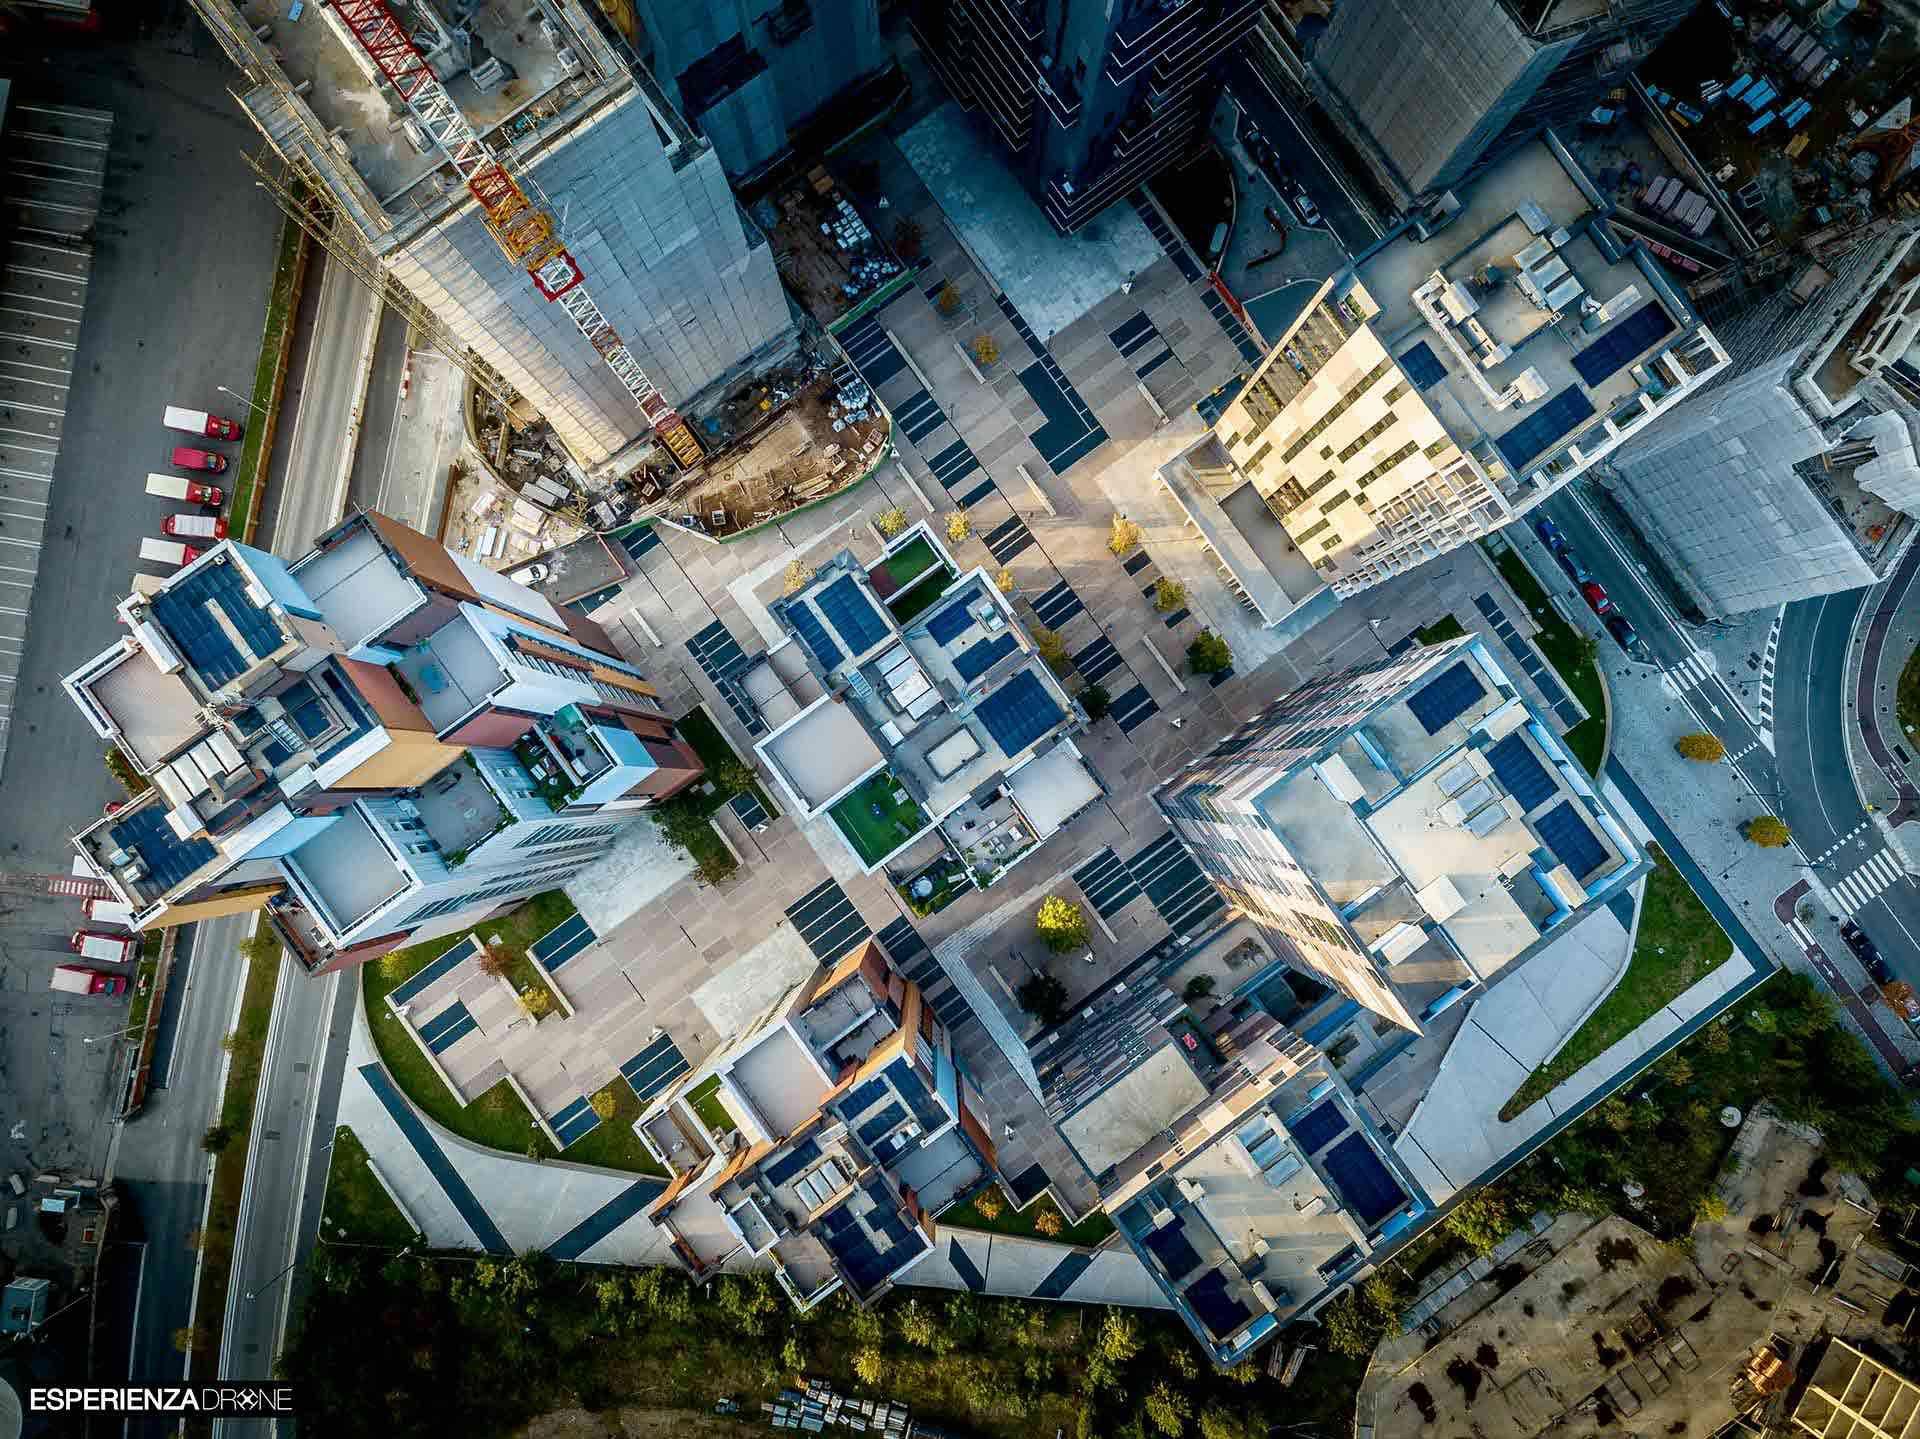 esperienza drone immagine aerea zenitale portfolio architettura complesso cascina merlata milano.jpg